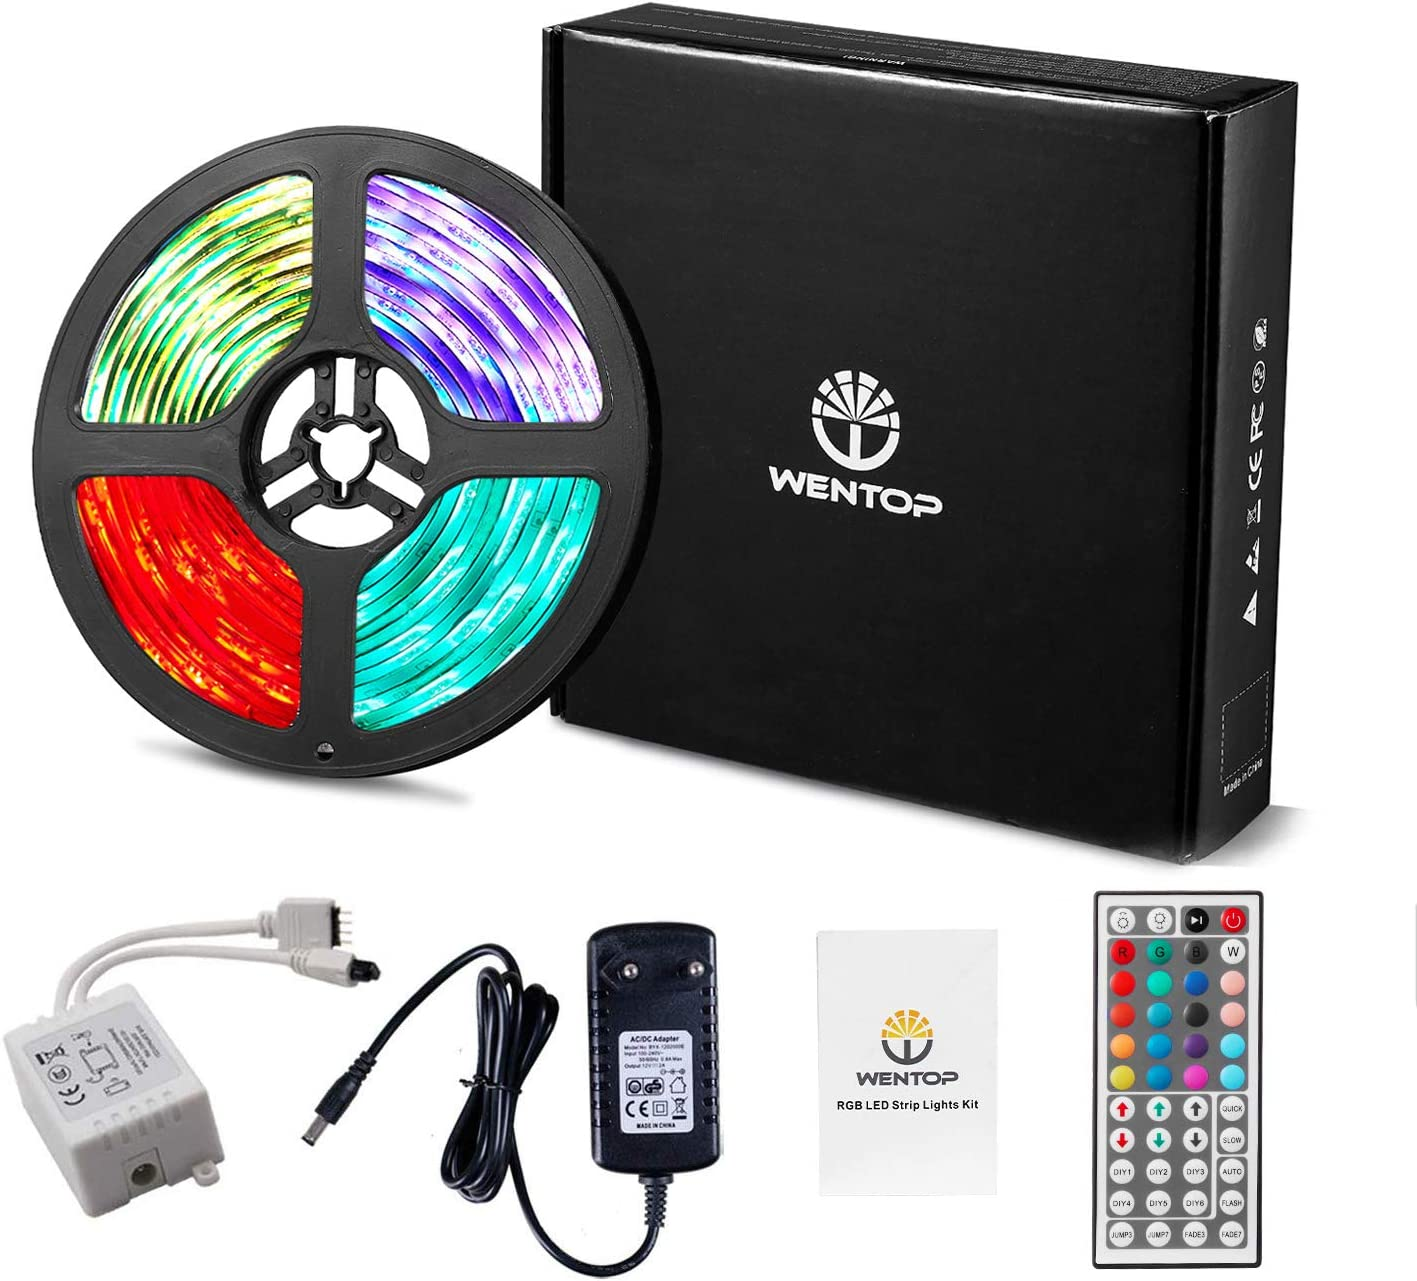 WenTop LED Strip 5m Kit LED Streifen RGB LED Leiste